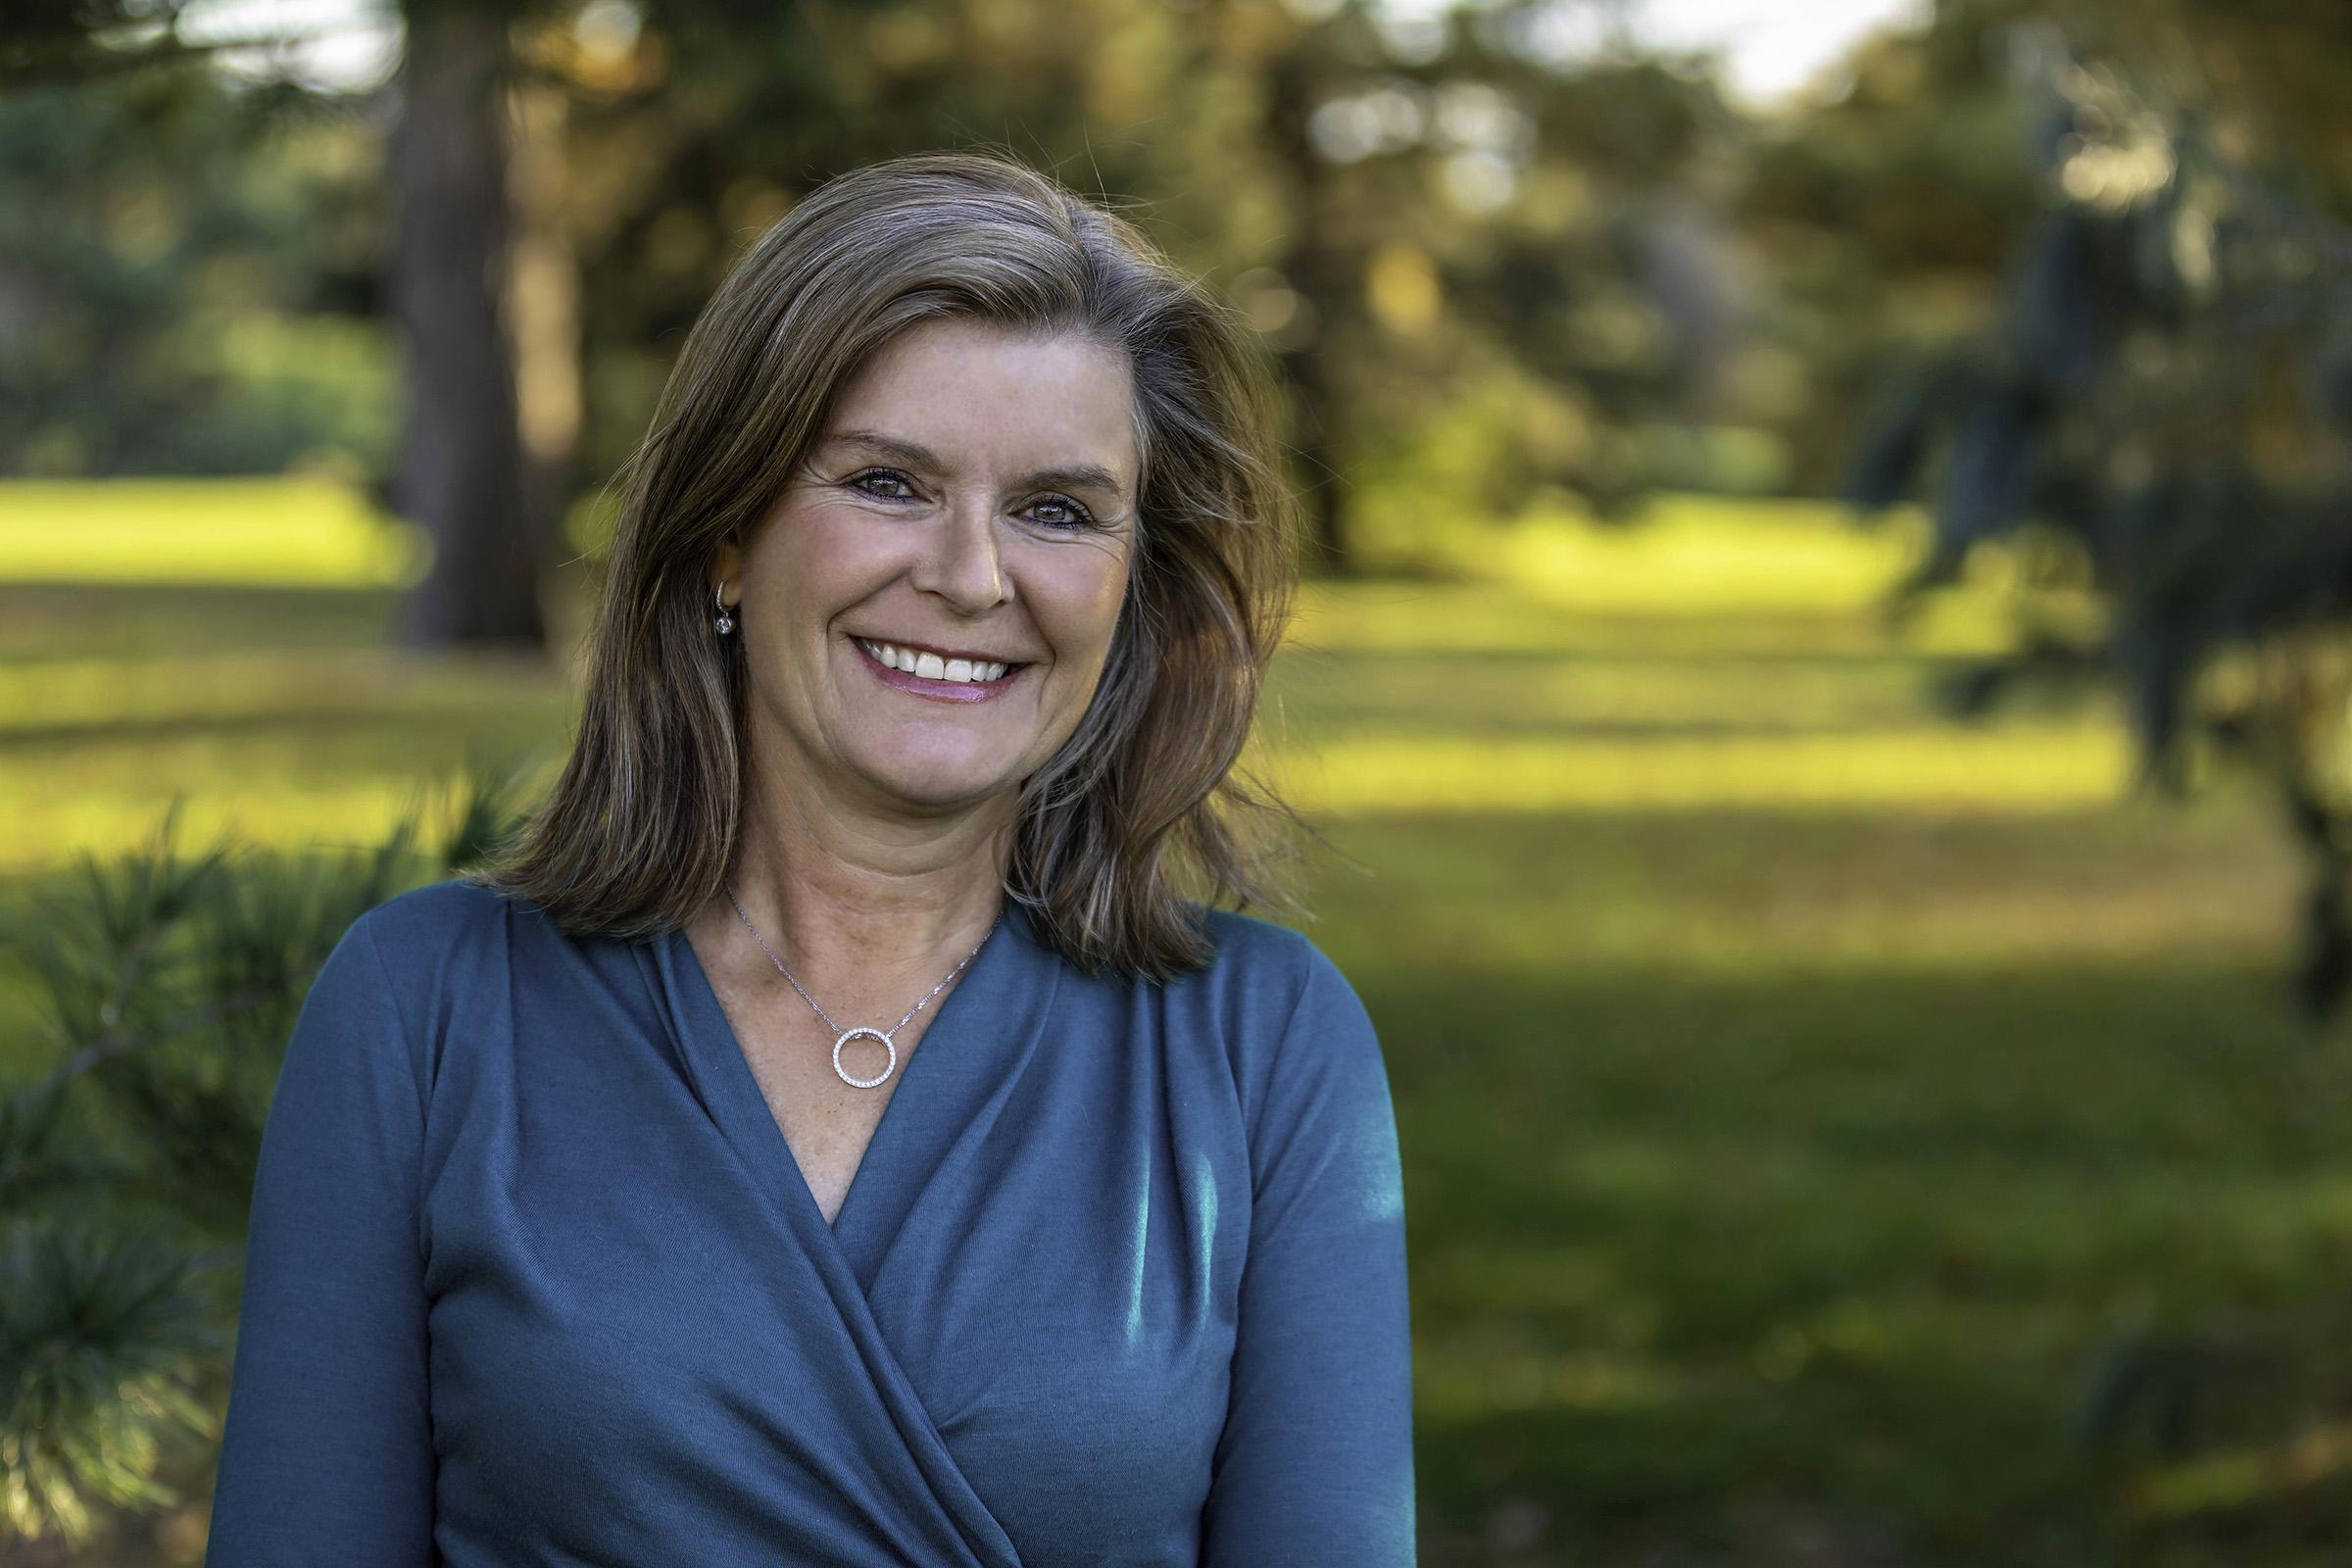 Sally McGhee